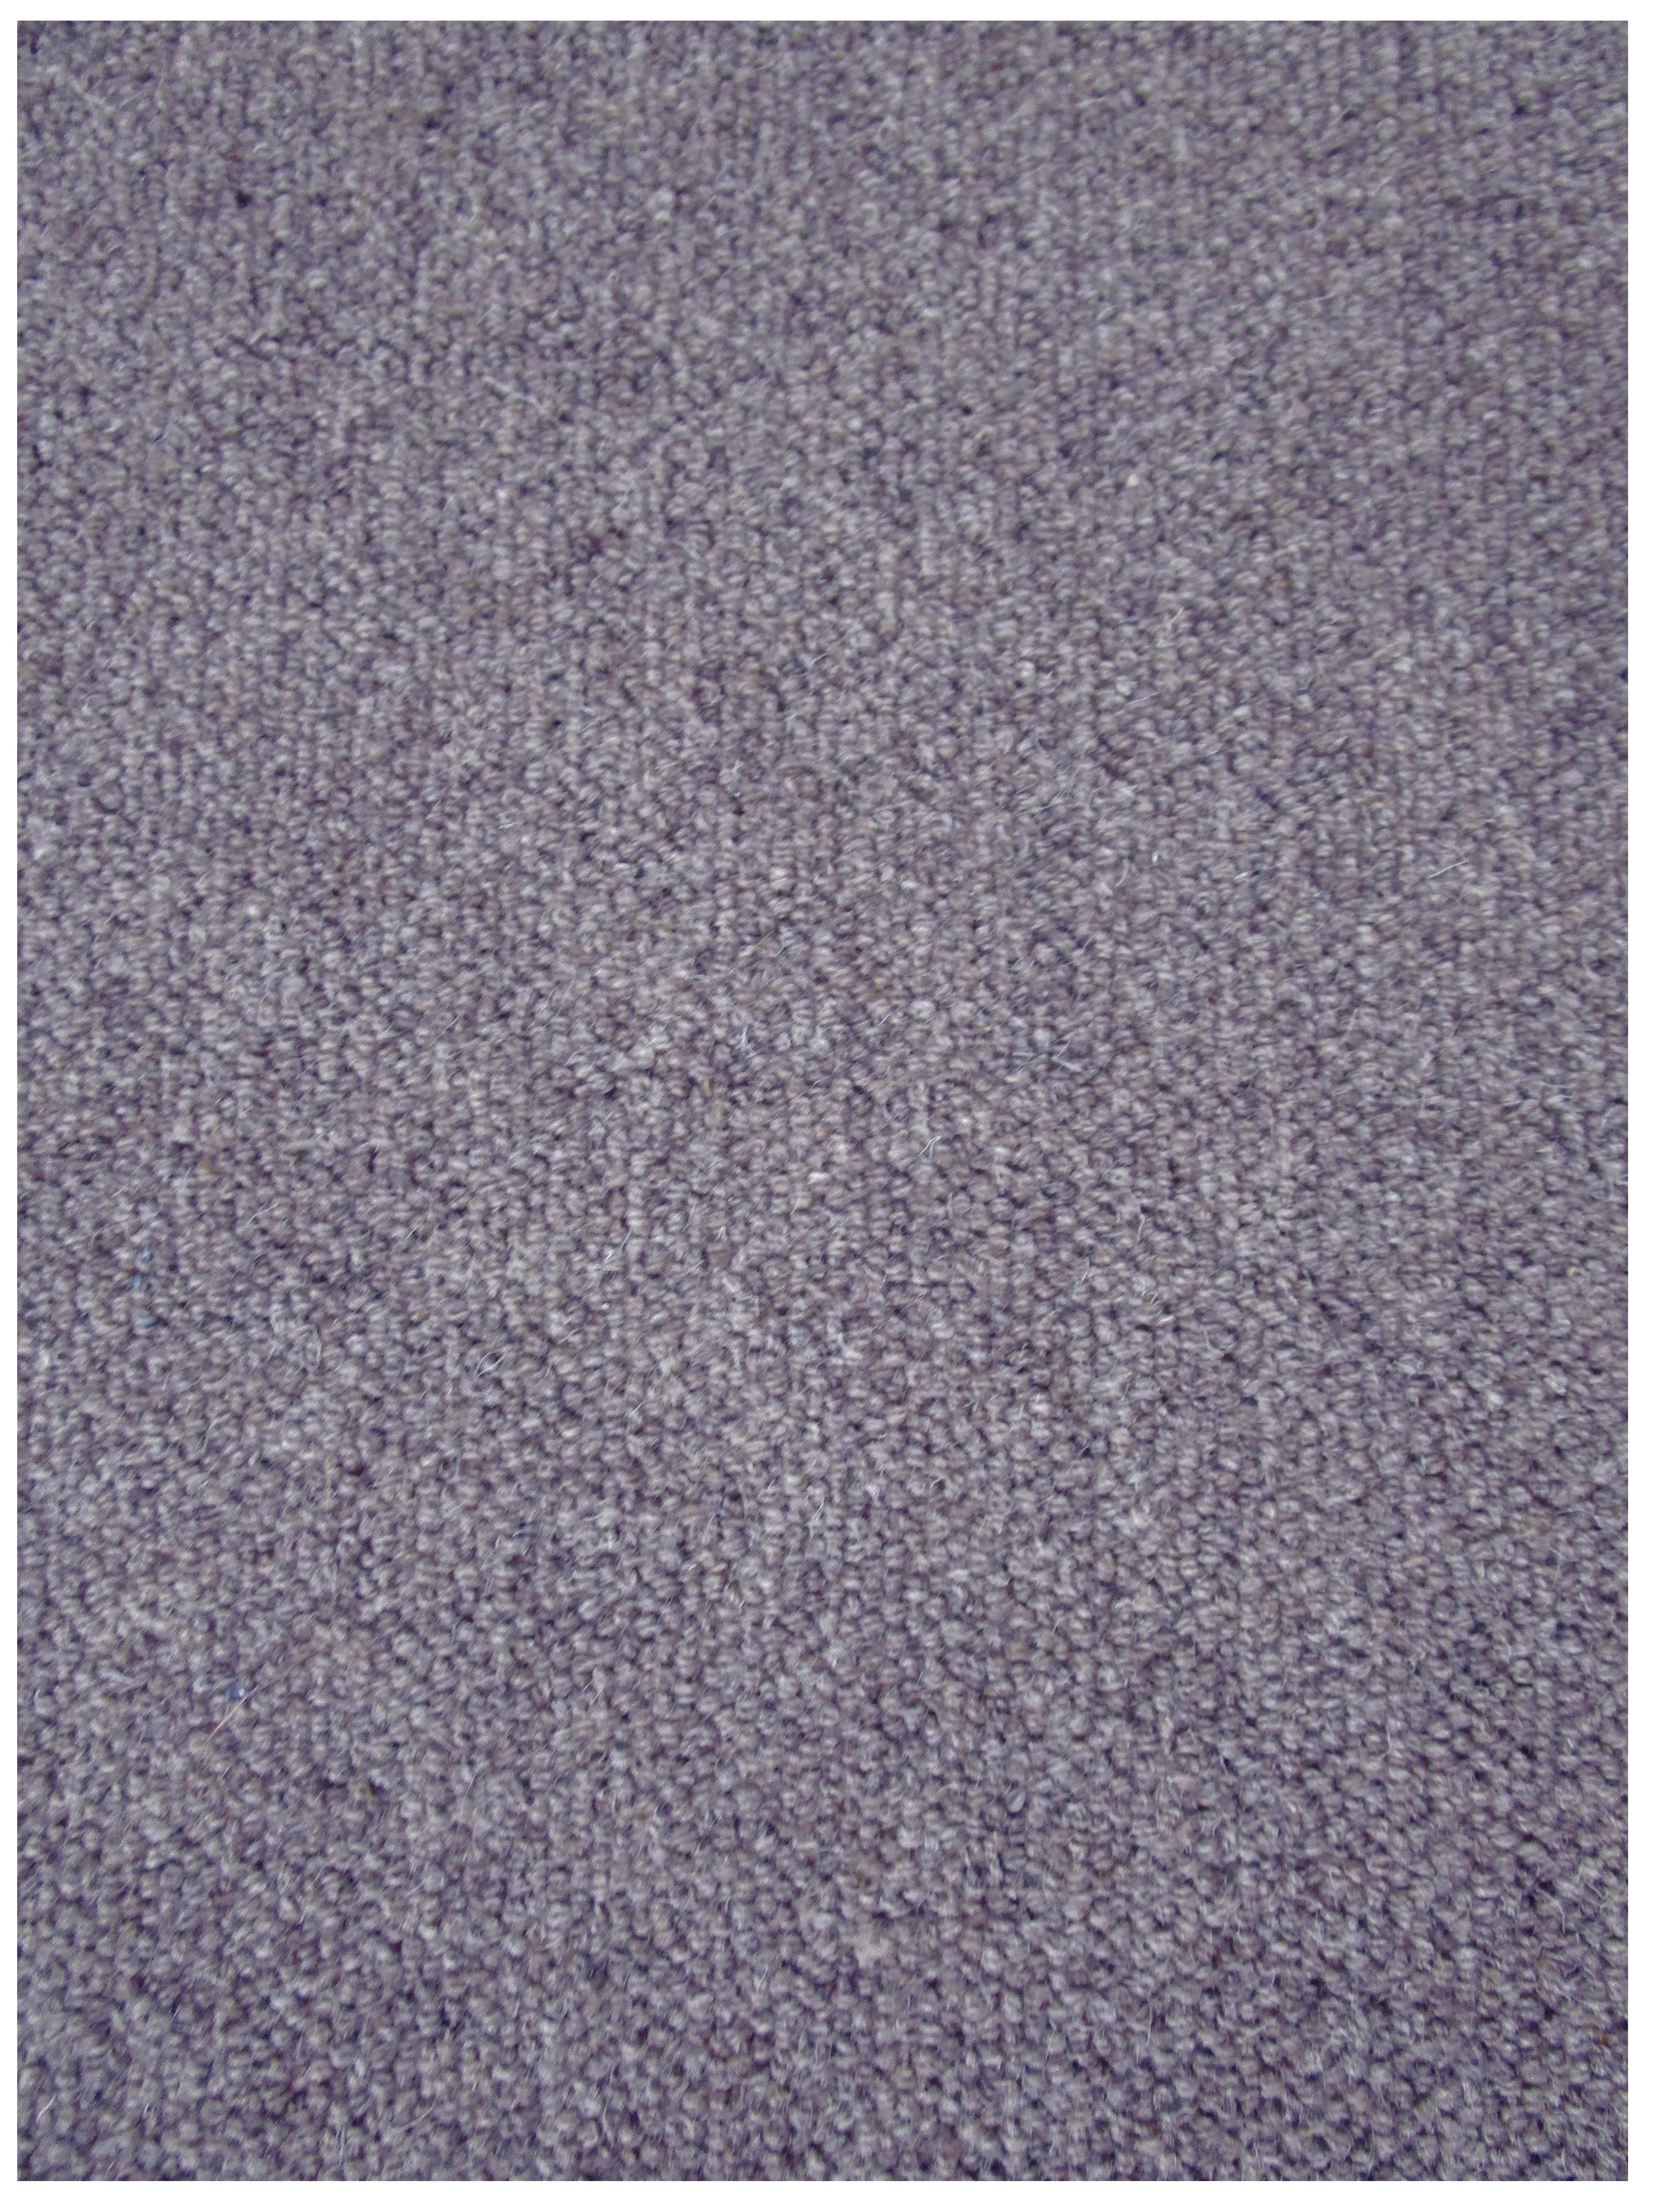 YM286 Driftwood  28 oz. Eco Friendly Rug or Carpet